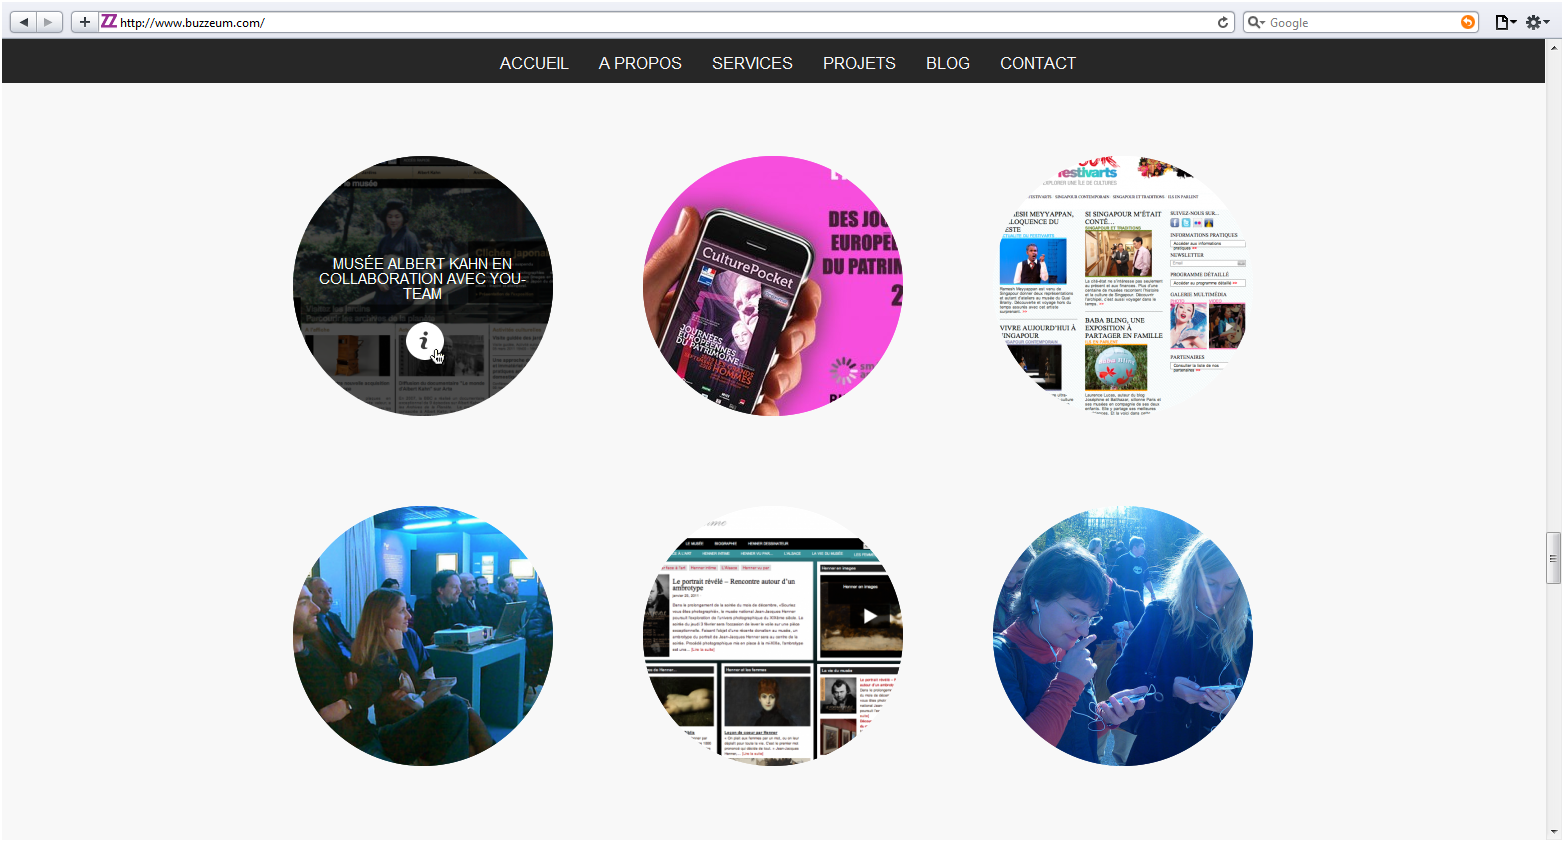 Buzzeum, website screenshot.